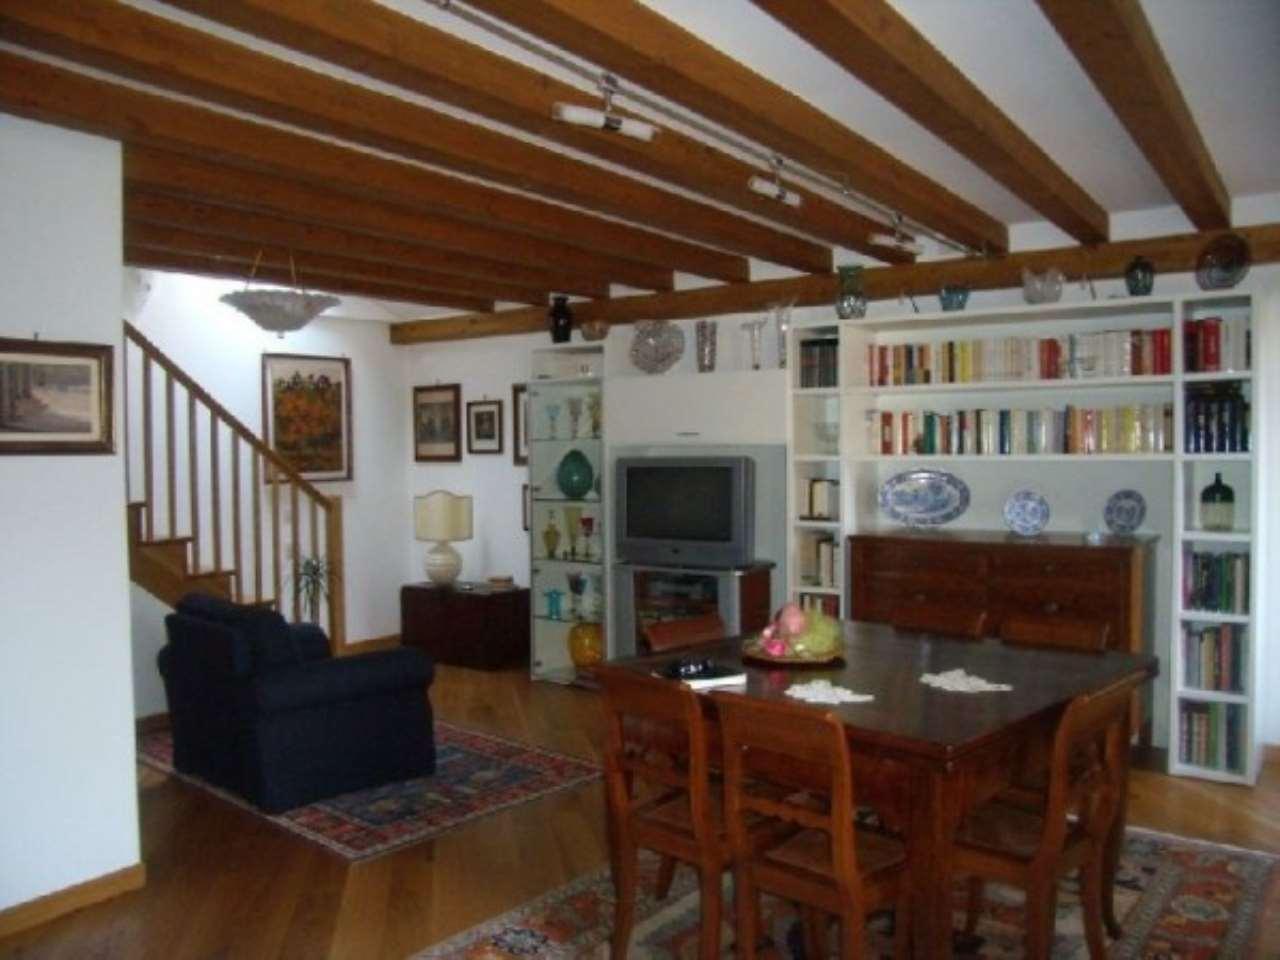 Appartamento in vendita a Venezia, 5 locali, zona Zona: 2 . Santa Croce, prezzo € 800.000   Cambio Casa.it